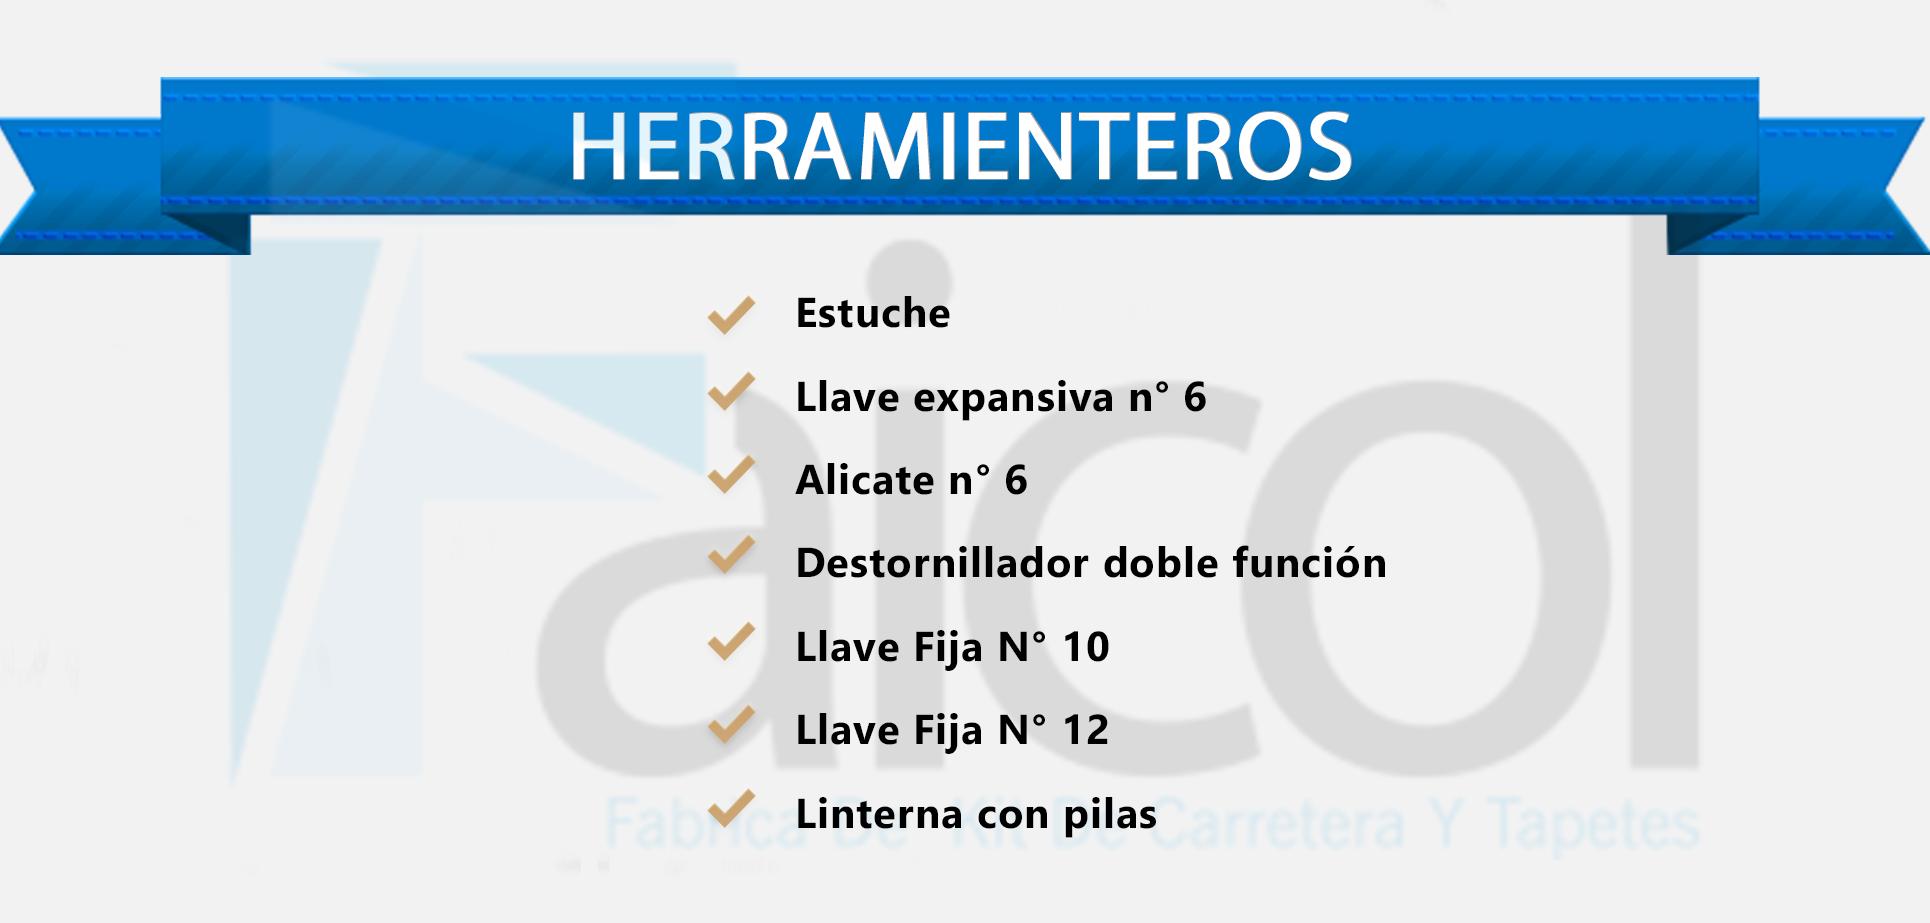 HERRAMIENTEROS